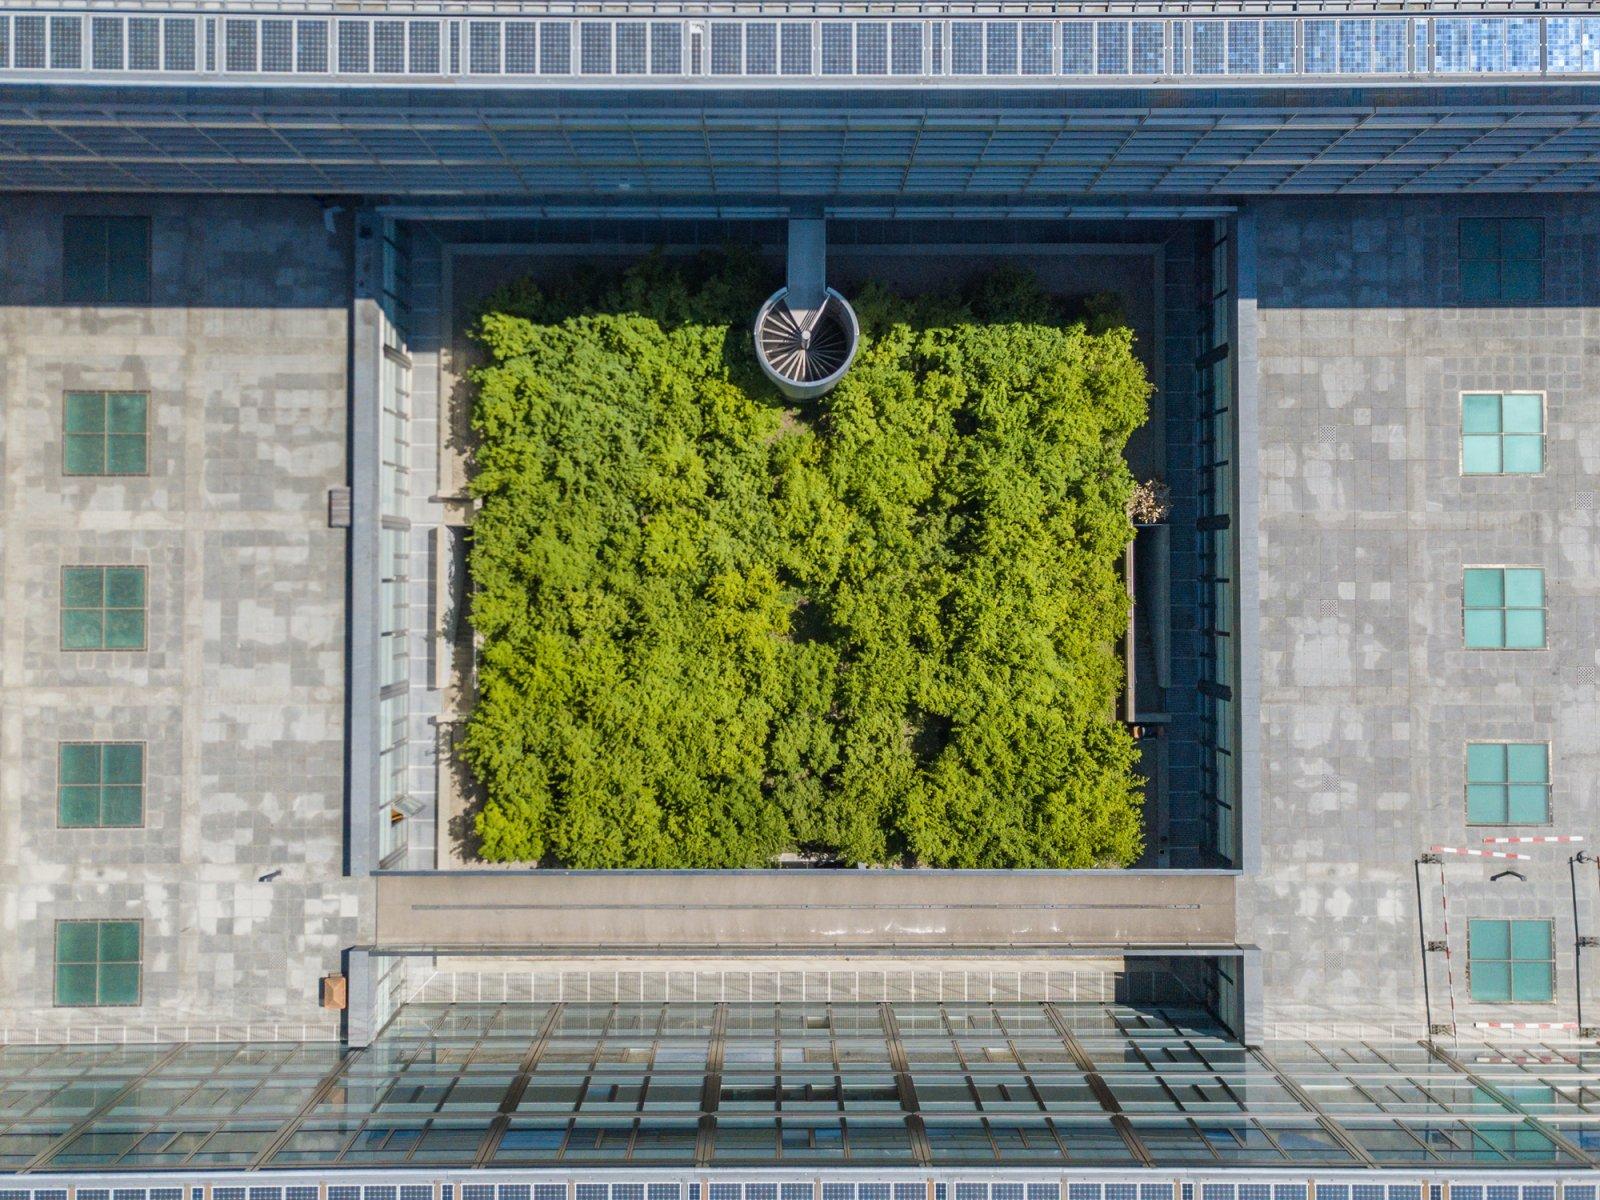 Botanical Gardens in Zurich - Zurich University Garden Aerial View